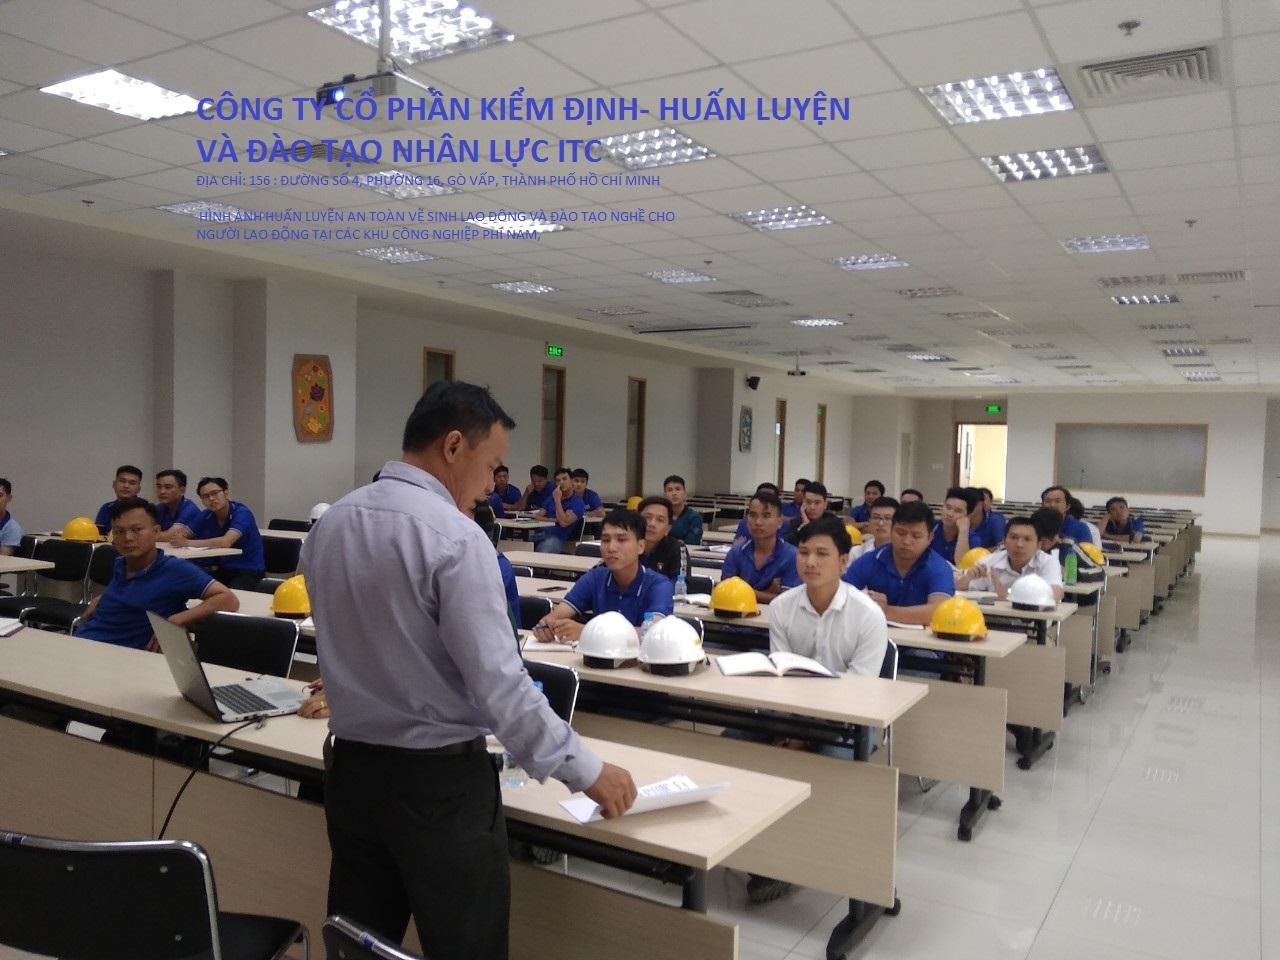 ITC nơi mang đến sự an toàn trong lao động cho bạn - Ảnh 3